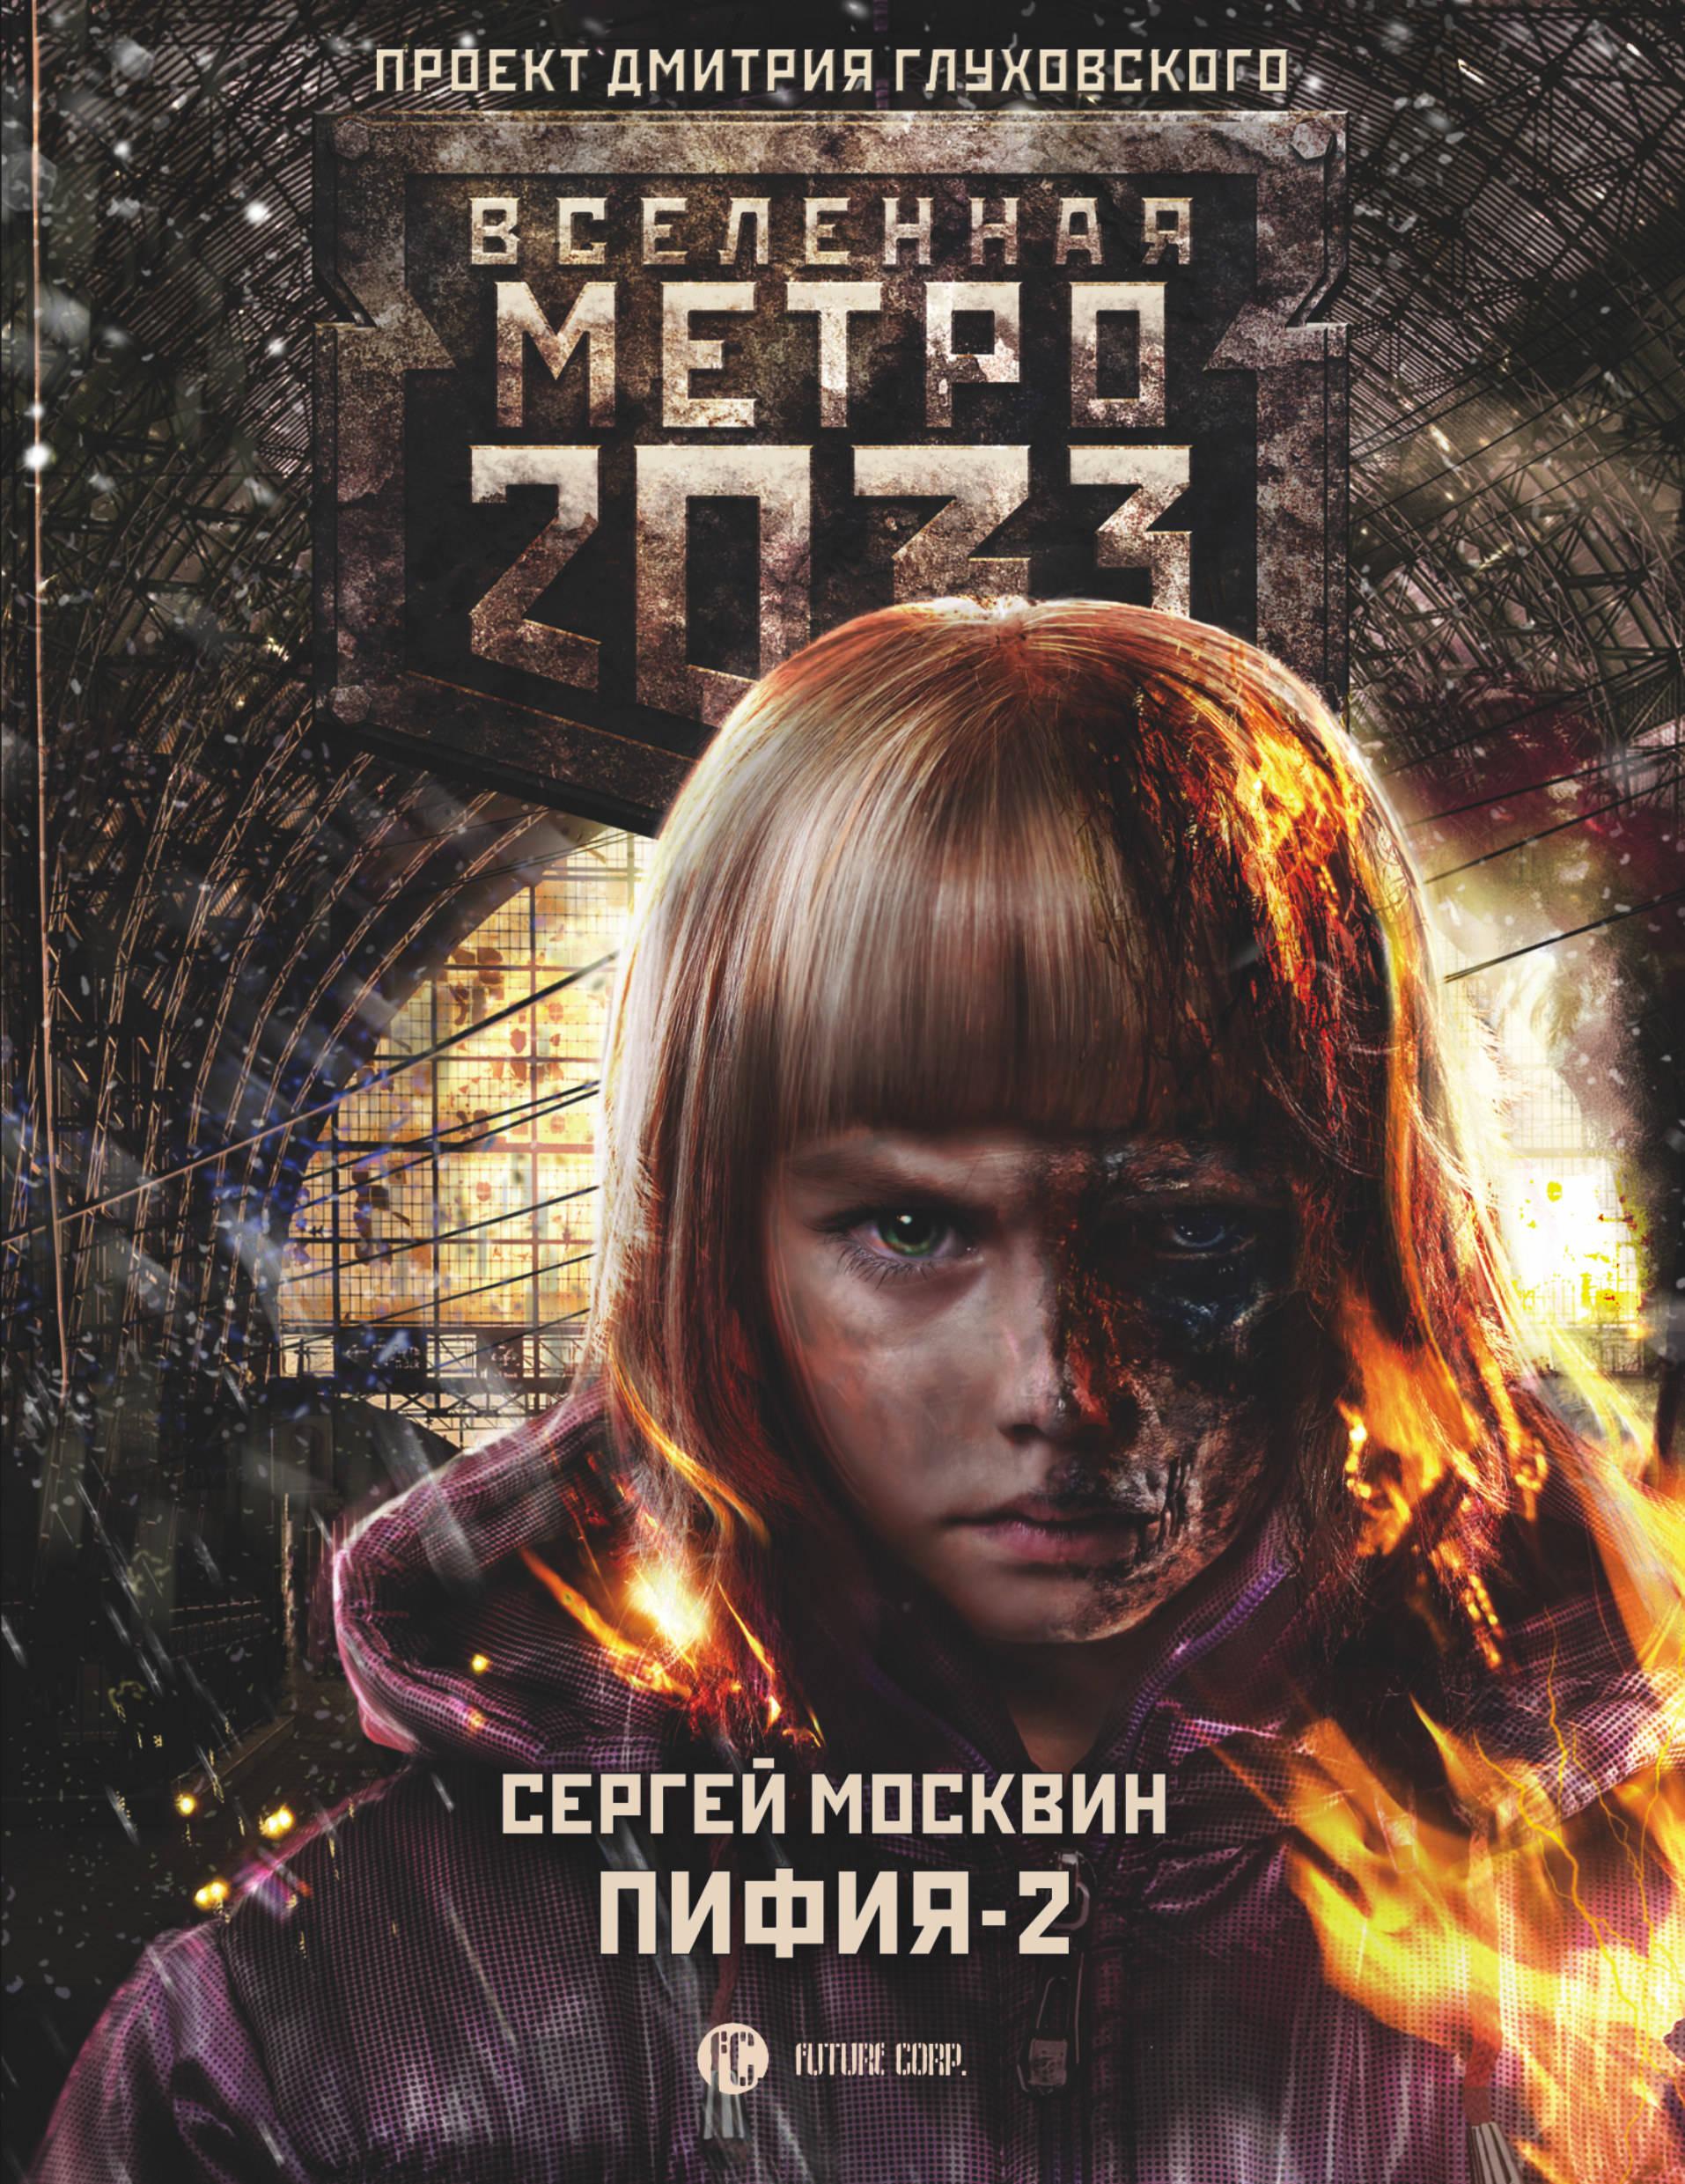 Метро 2033: Пифия-2. В грязи и крови ( Москвин Сергей Львович  )